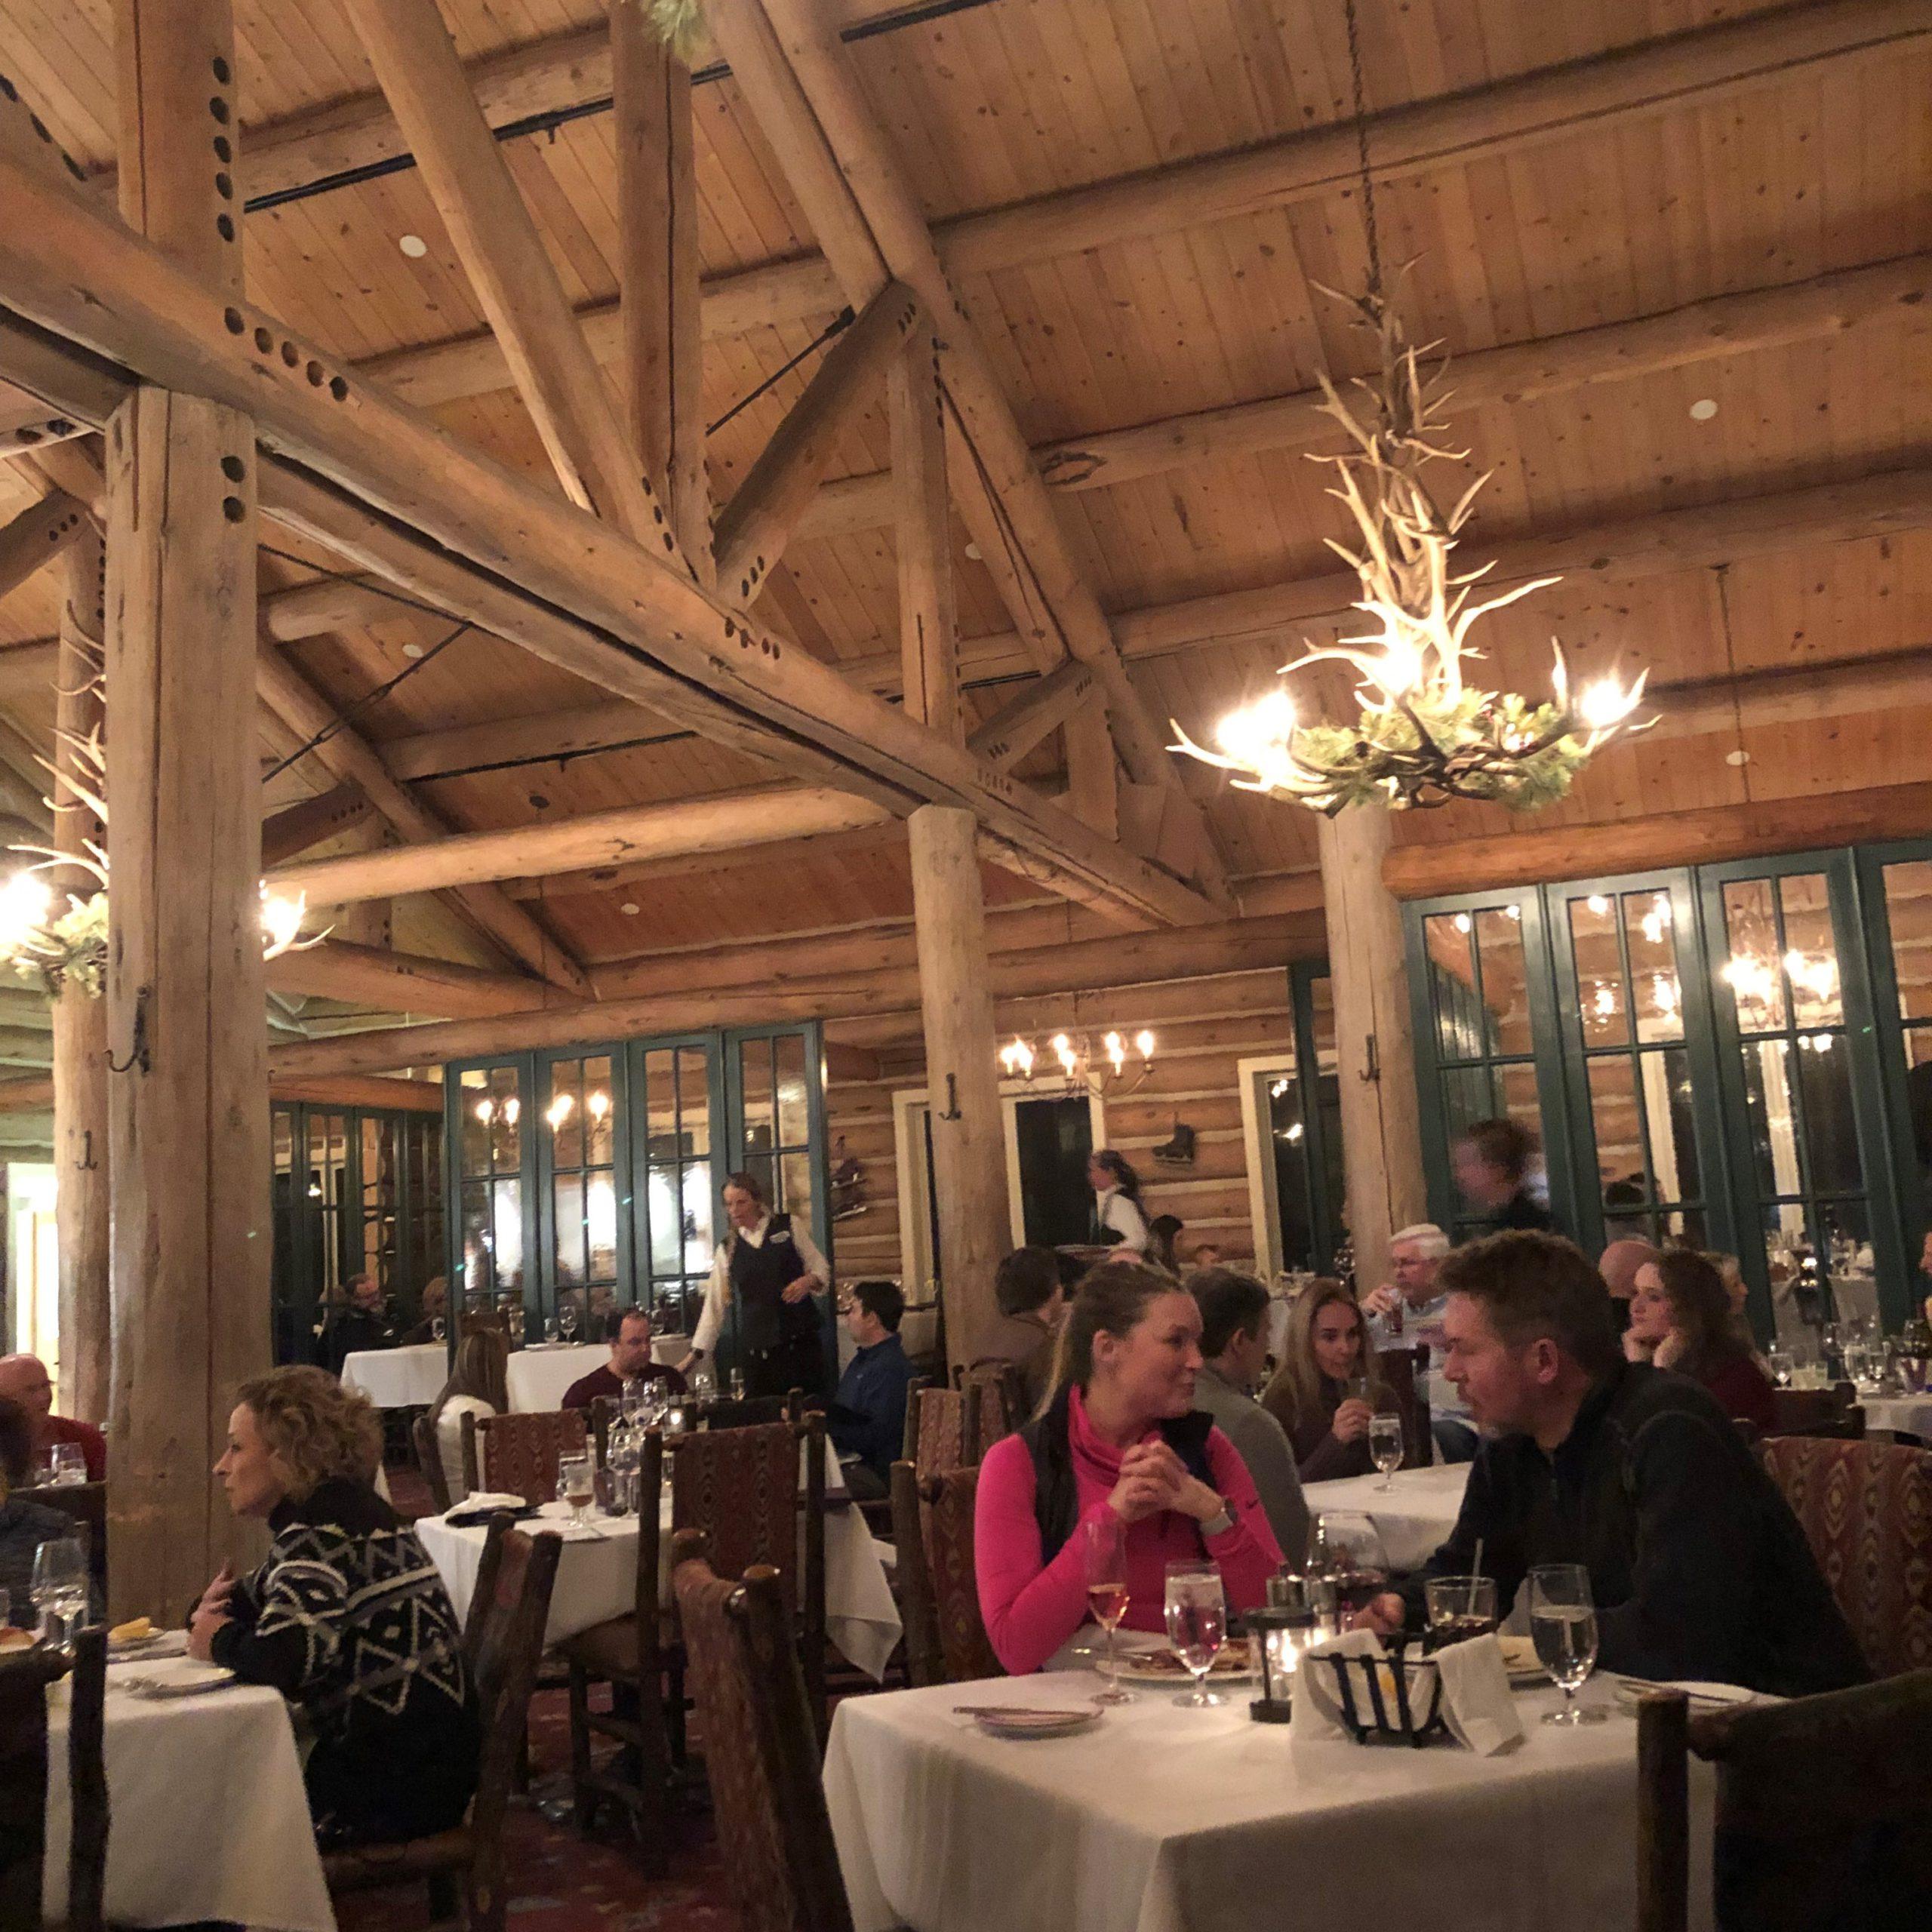 Dinner at Beanos Cabin, Beaver Creek Ski Resort